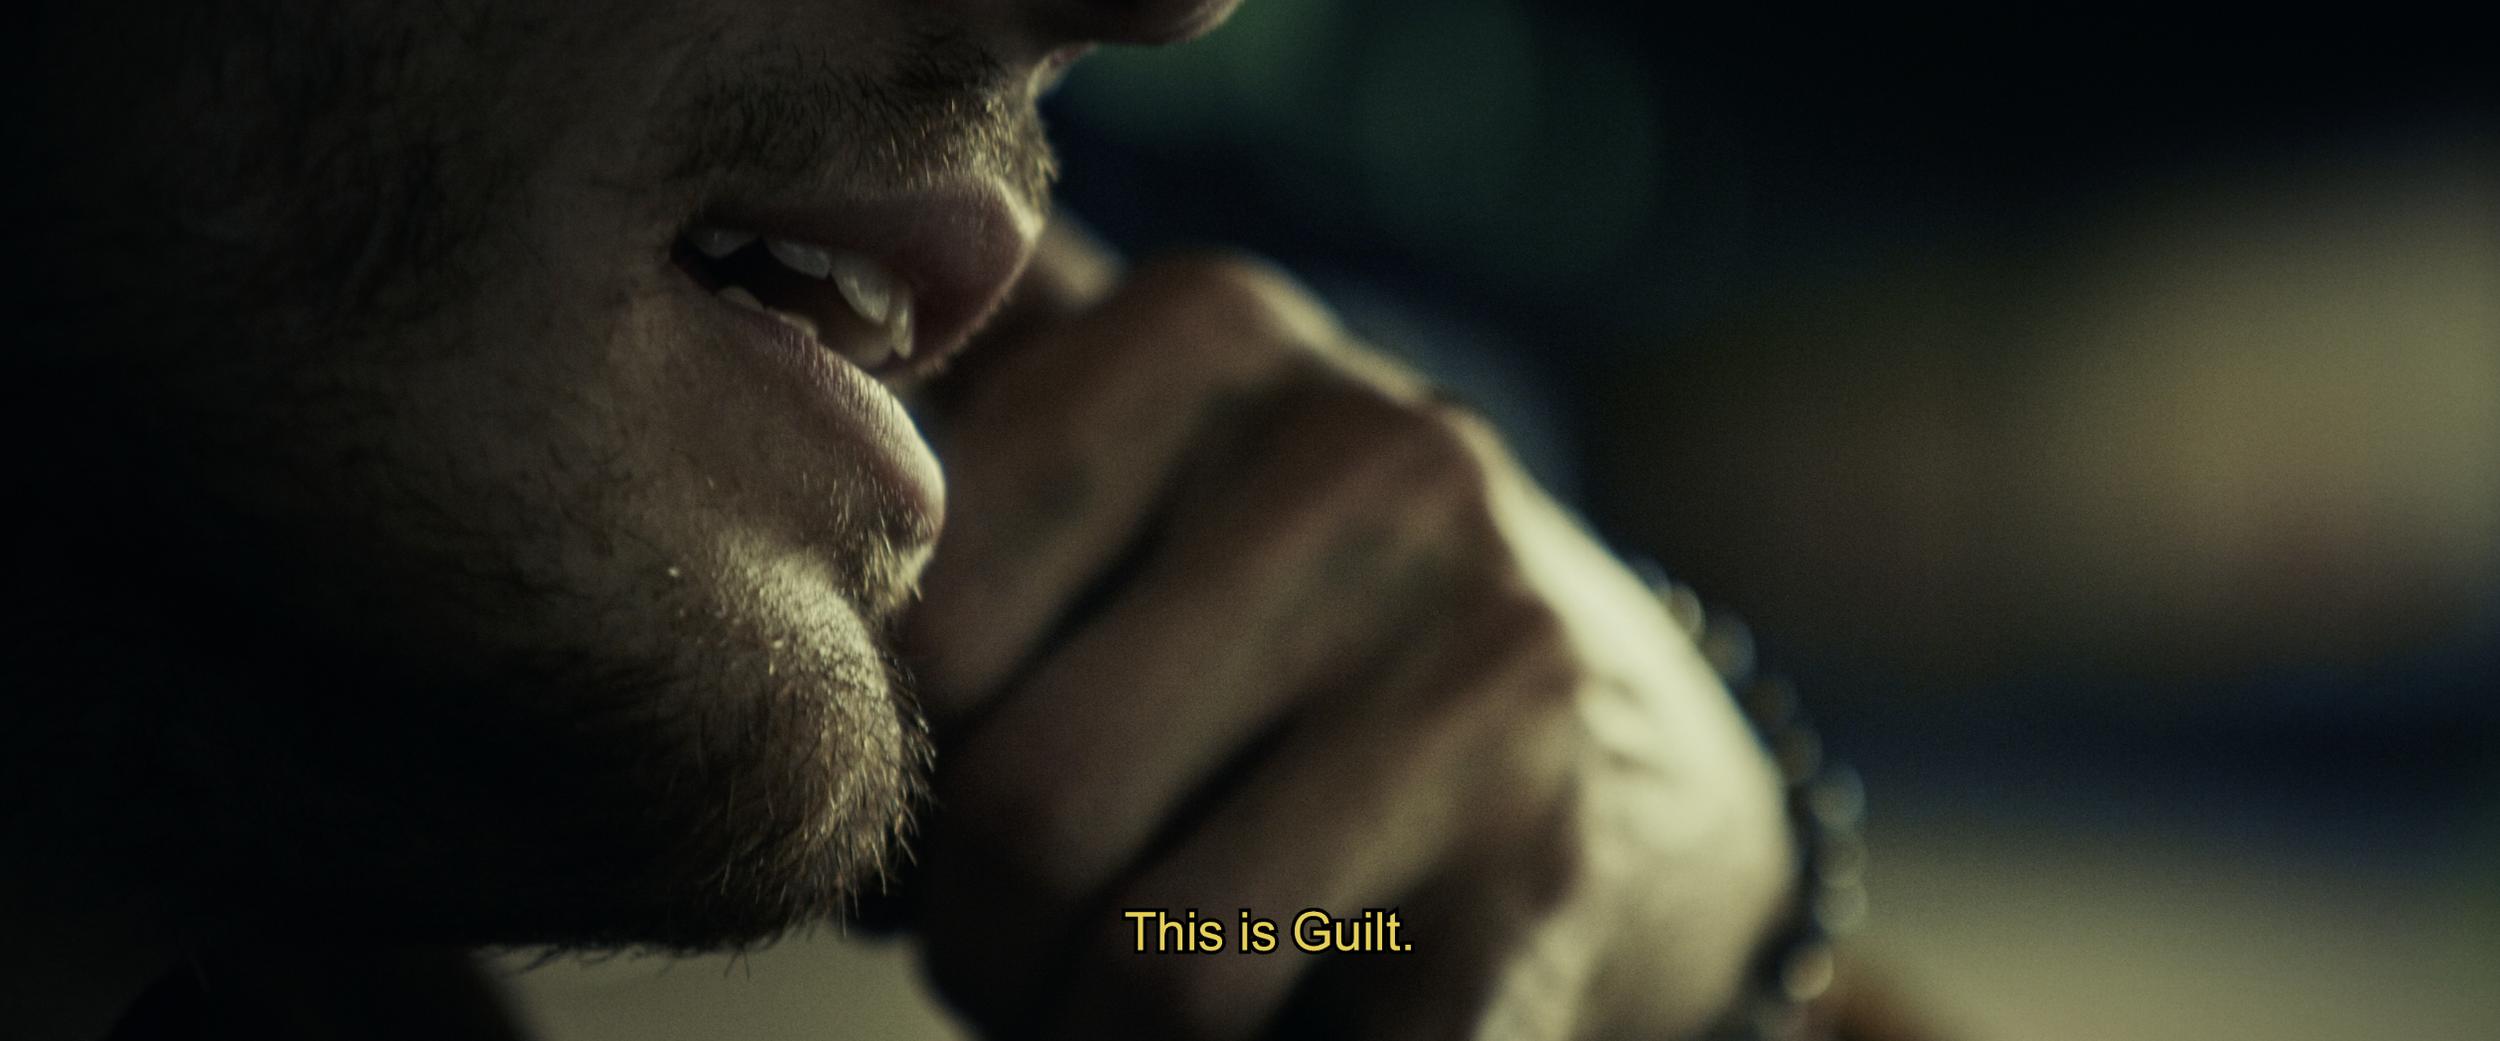 Guilt-HalterKids_FINAL-01_mov-43.png